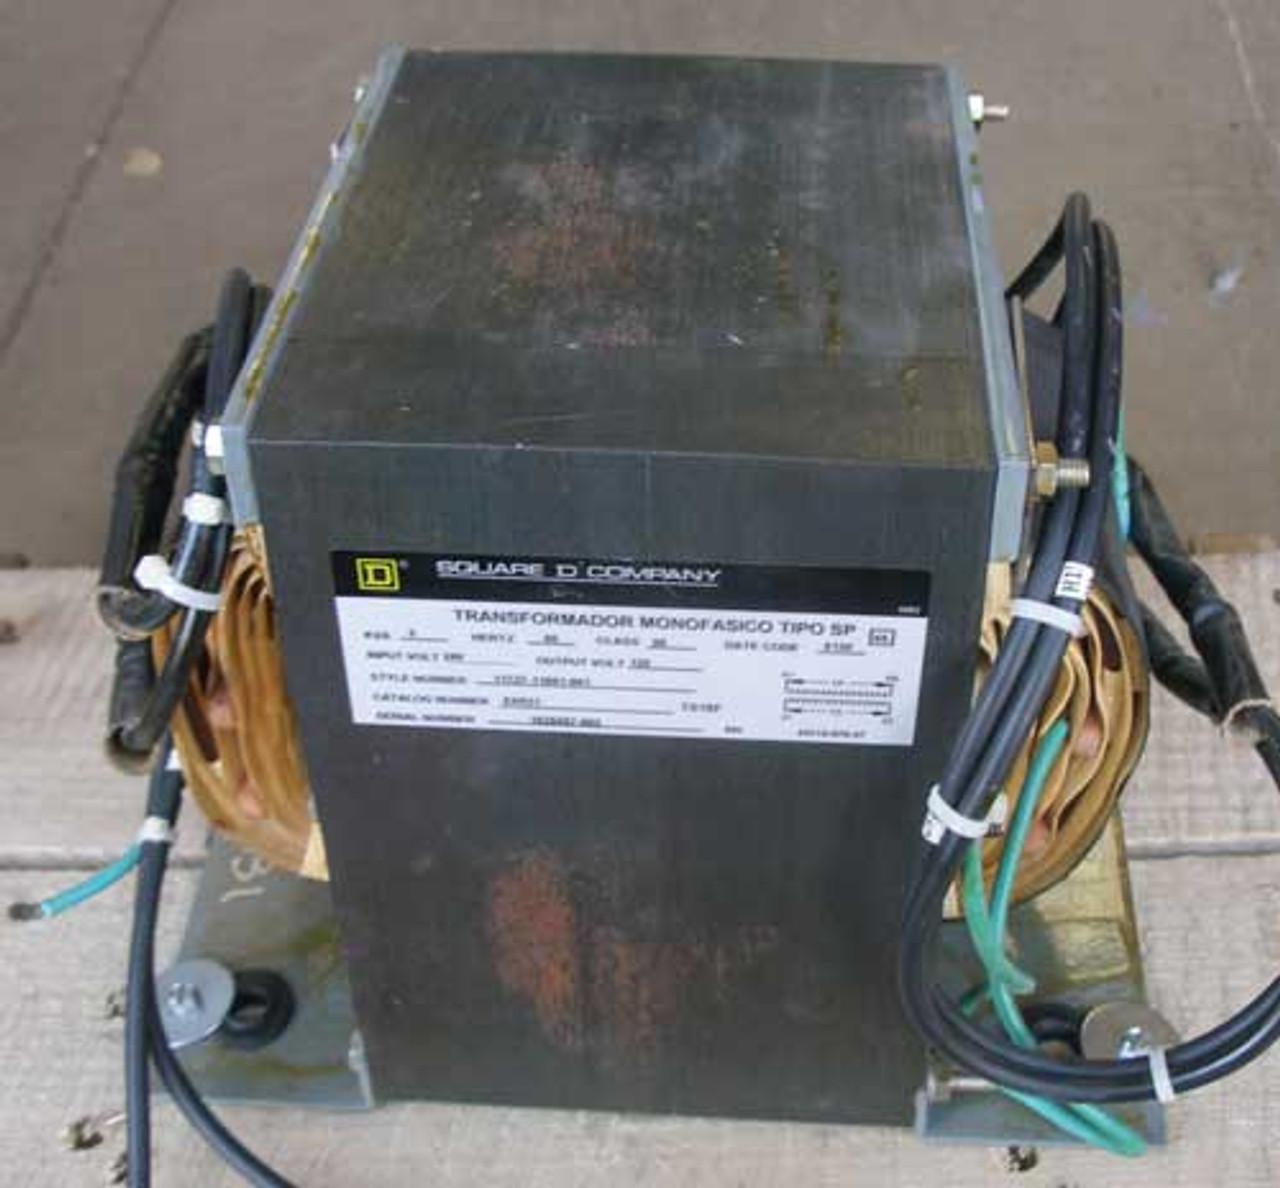 Square D 5XR31 5 KVA 240V to 120V 1 Phase Transformer - Used